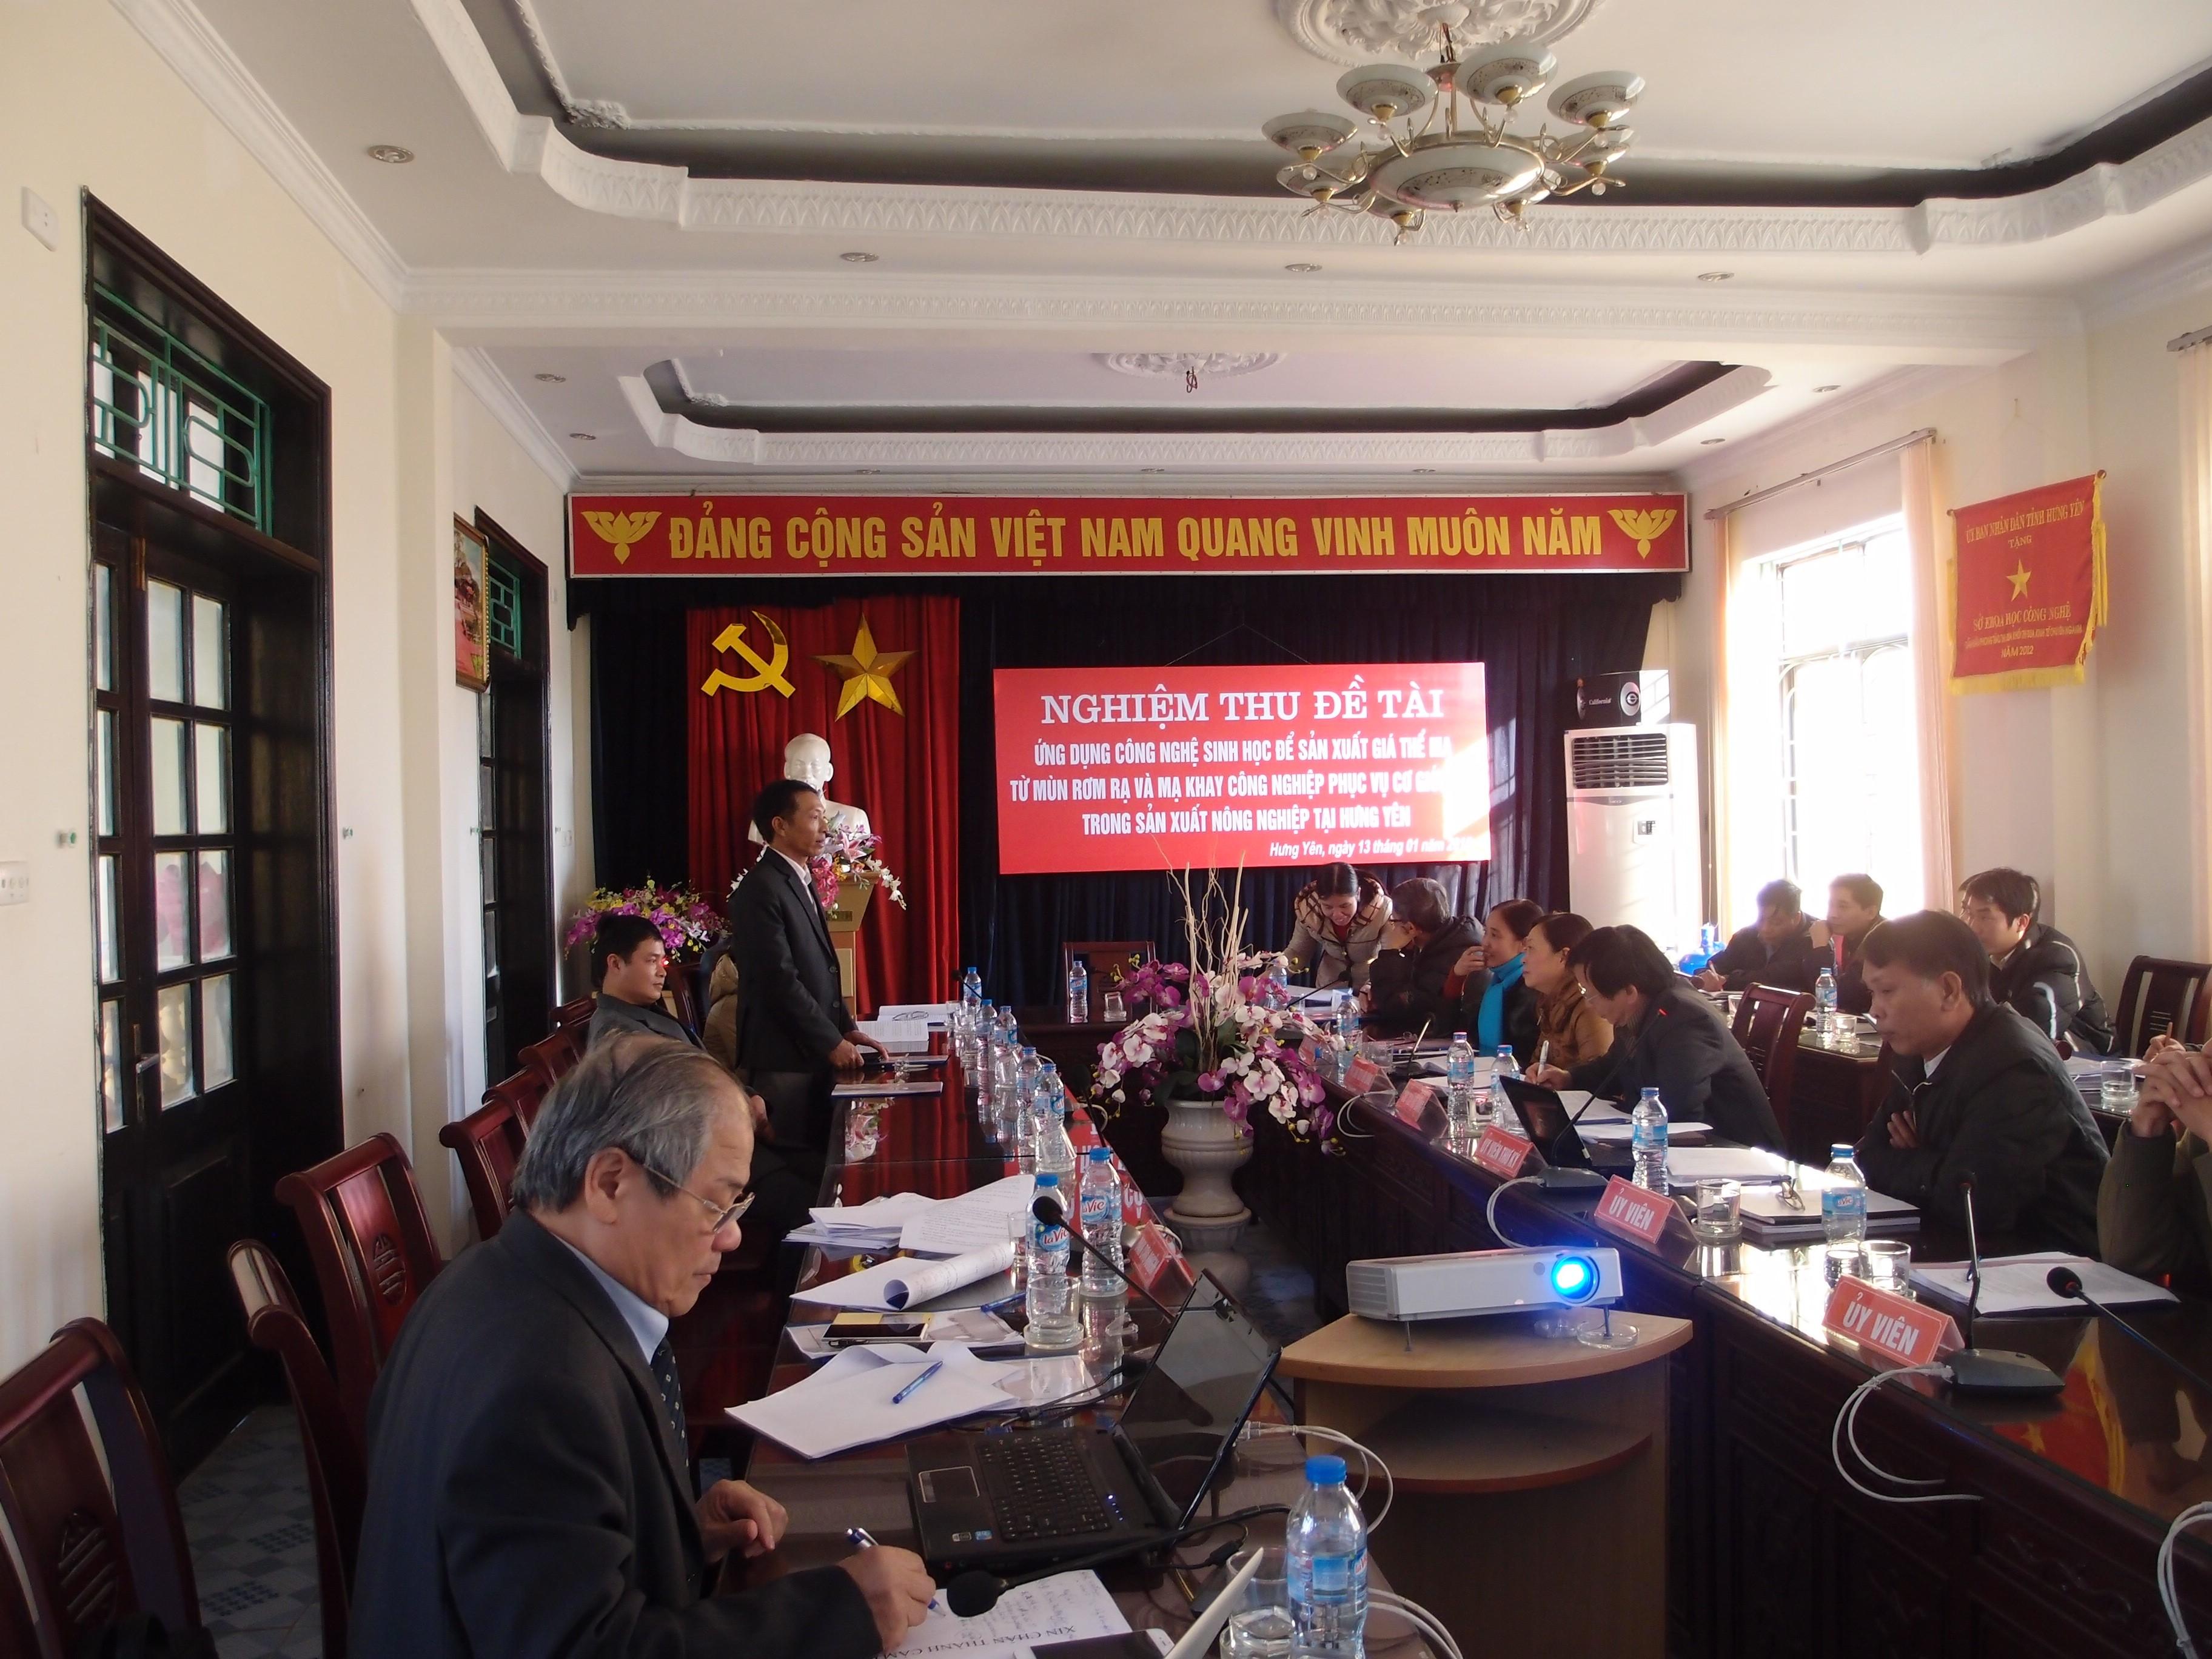 Hưng Yên tổ chức nghiệm thu đề tài mạ khay của Công ty cp Công nghệ sinh học năm 2014